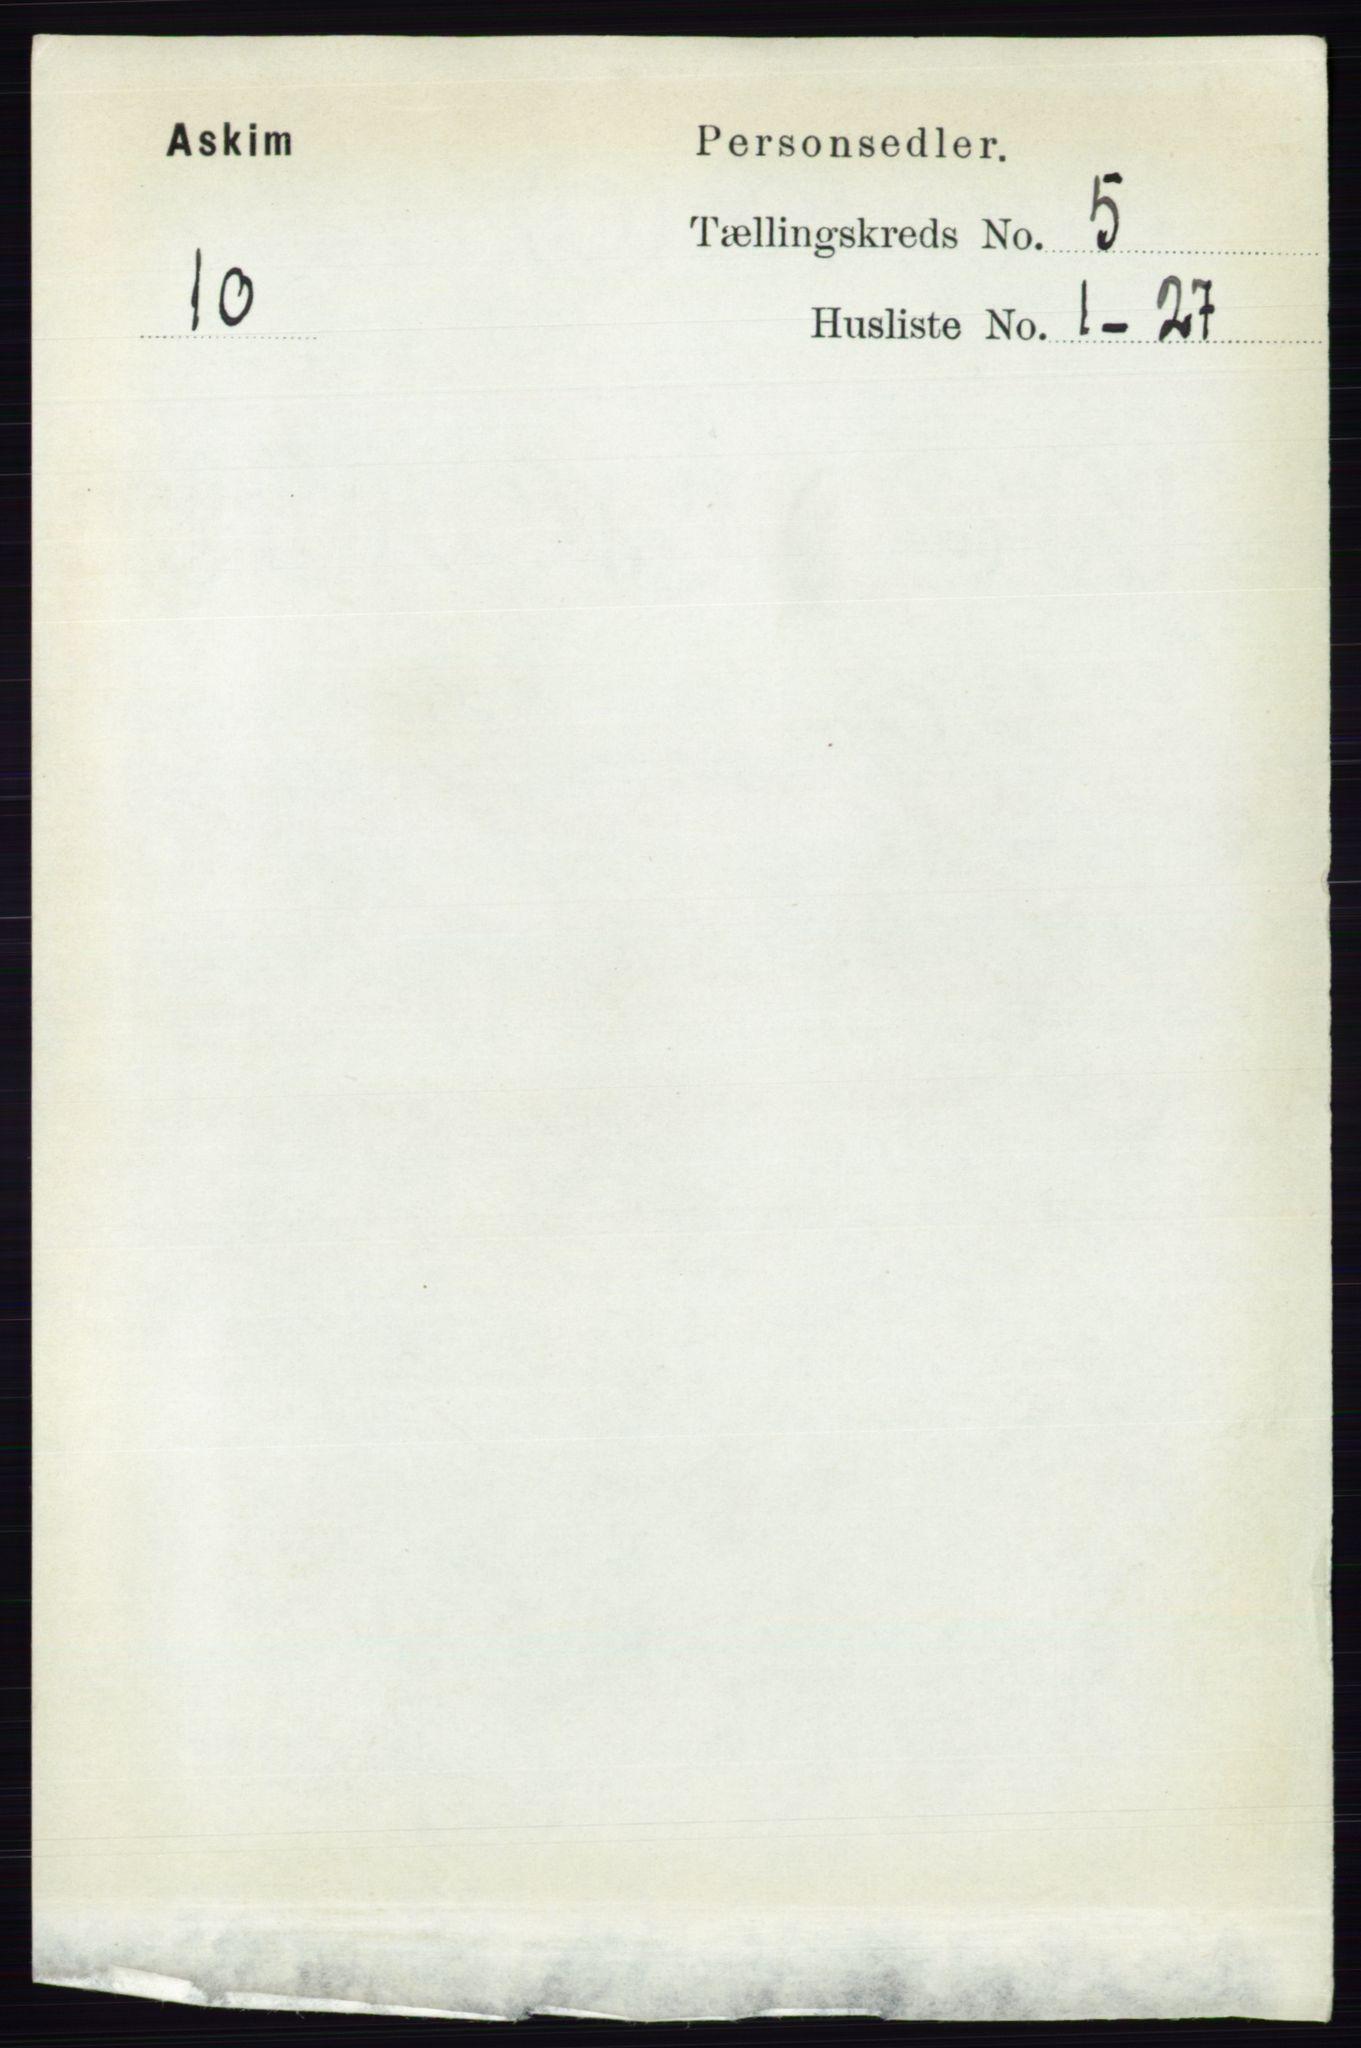 RA, Folketelling 1891 for 0124 Askim herred, 1891, s. 602